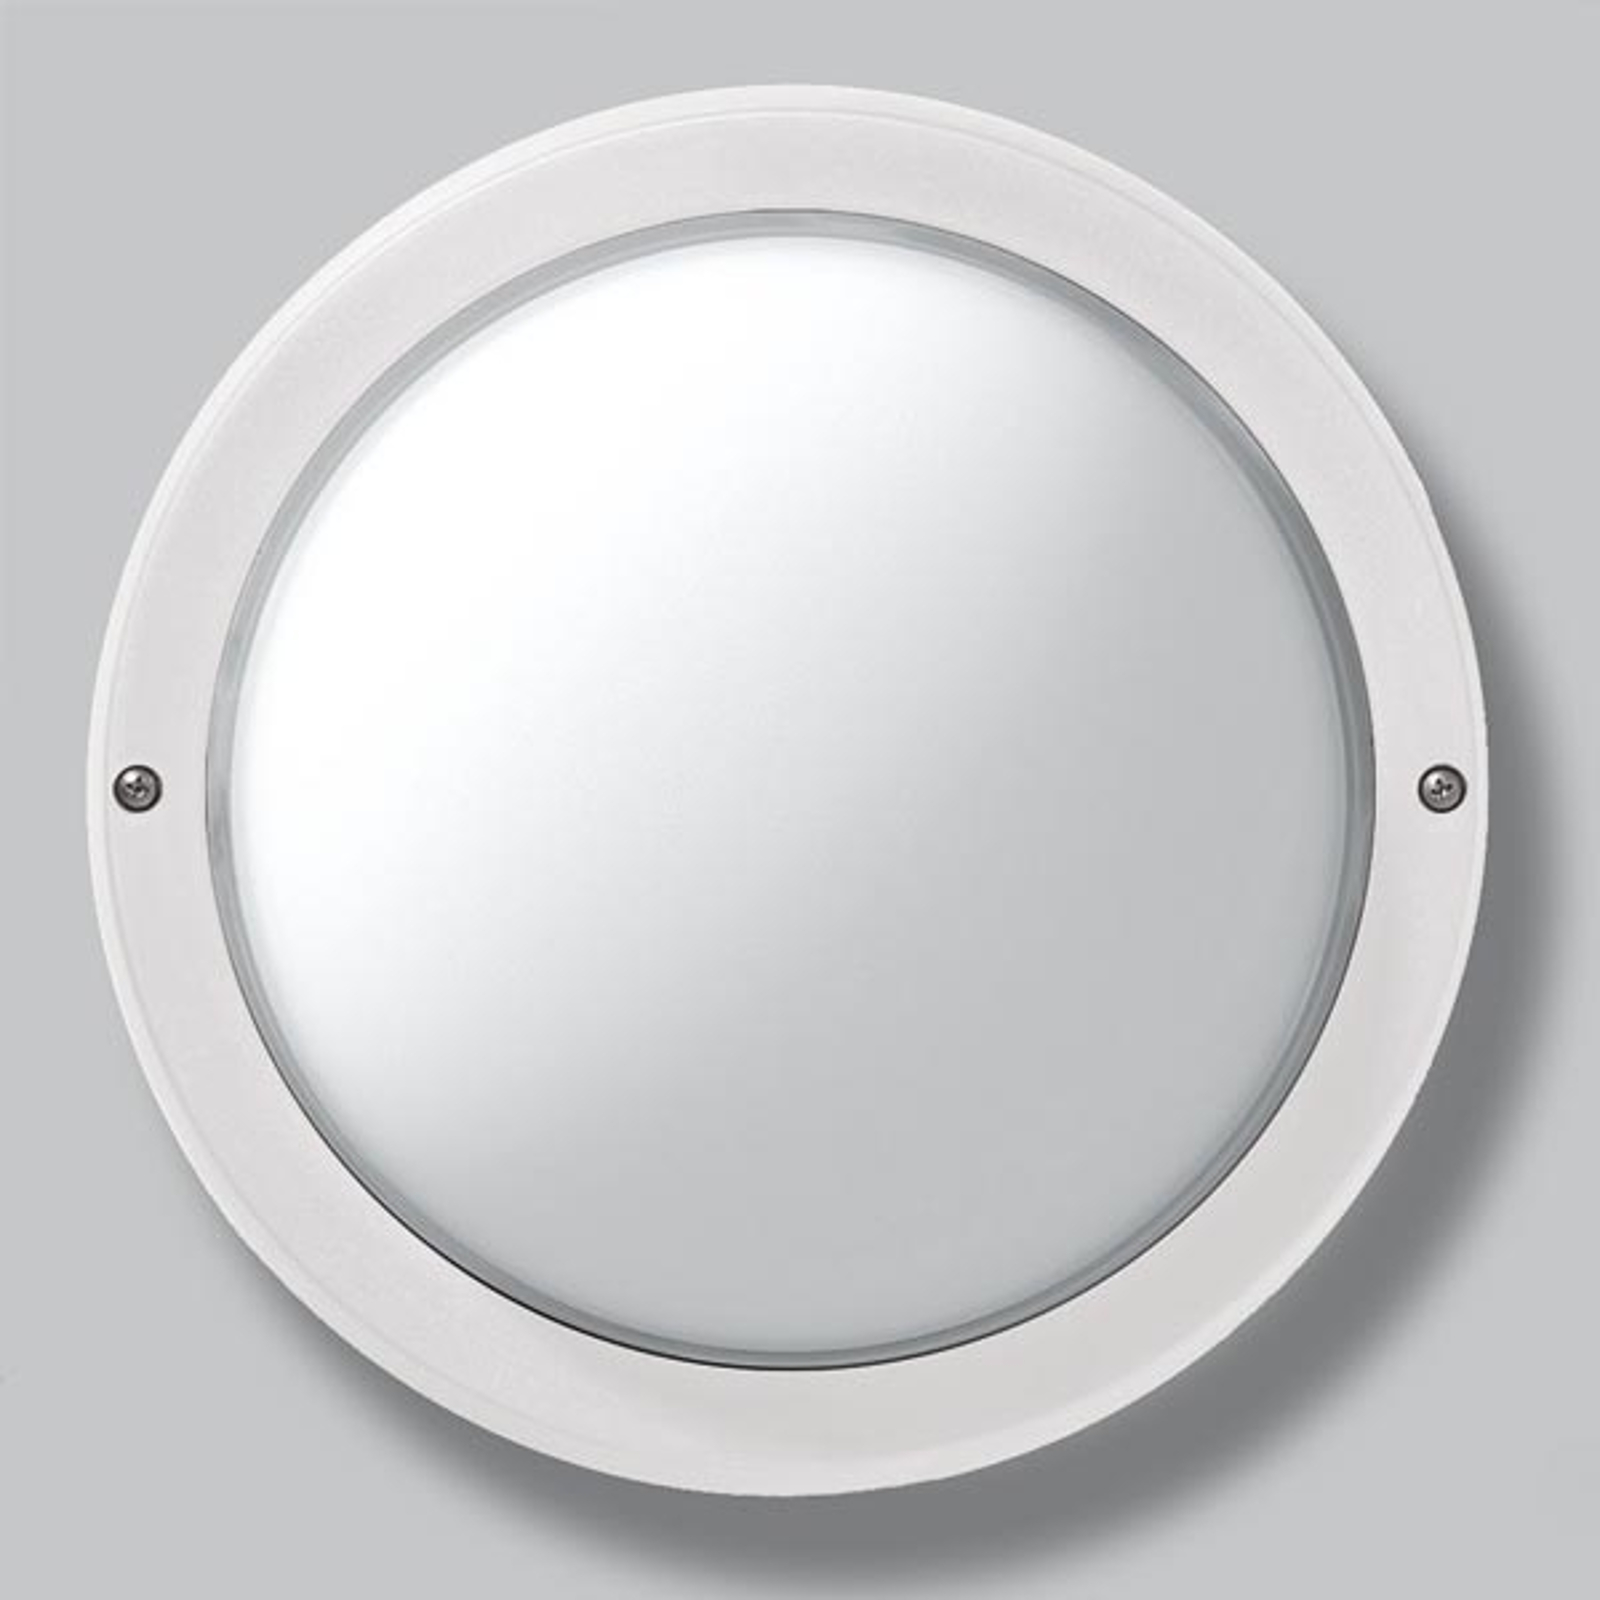 Buitenwand- of plafondlamp EKO 21, wit